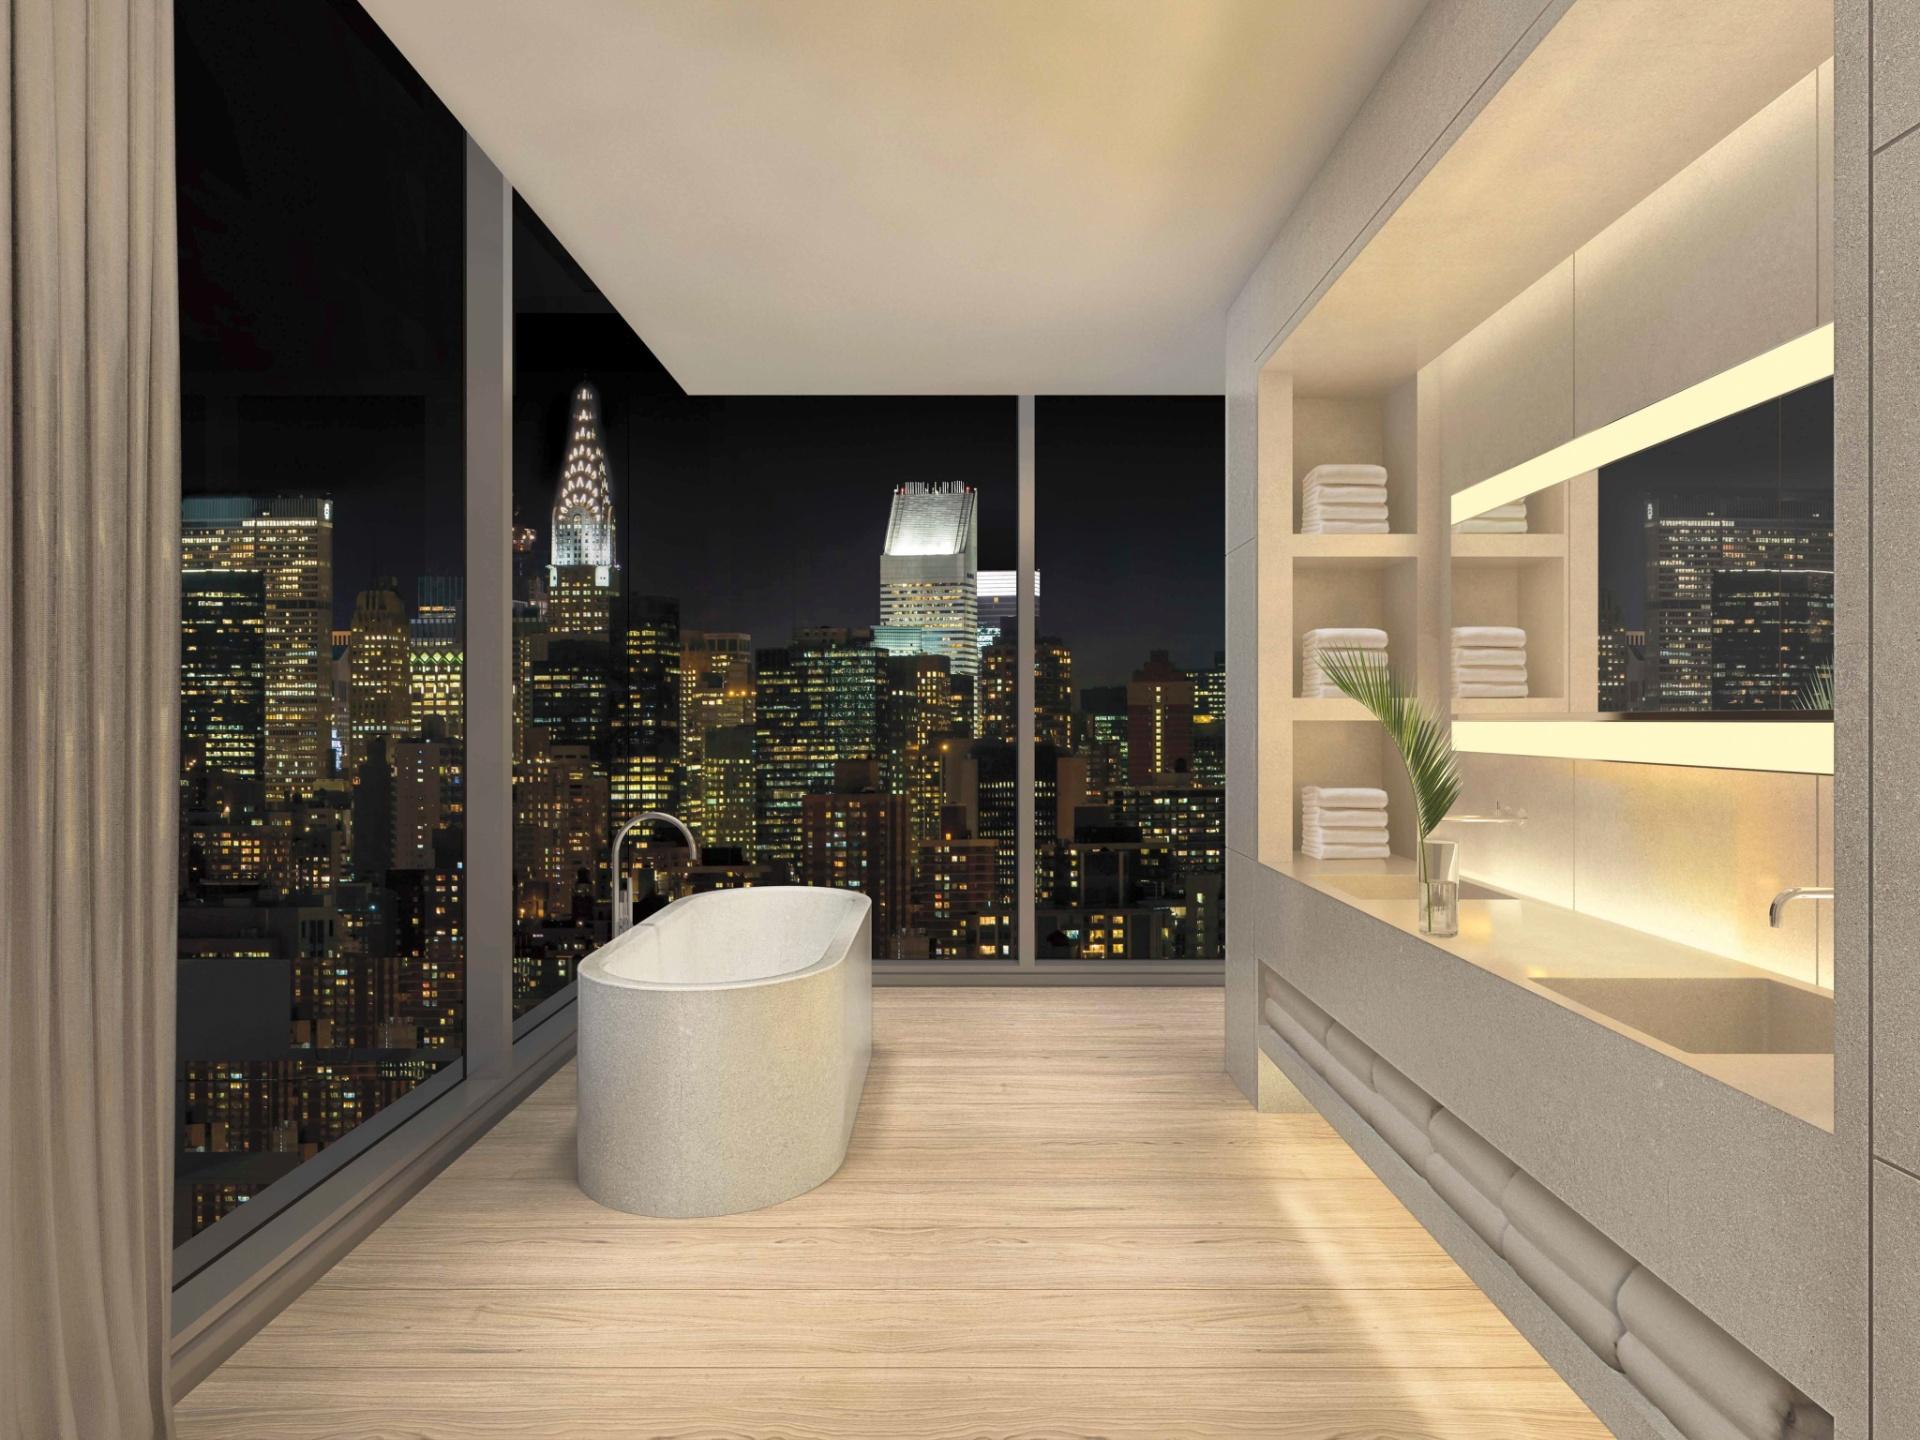 No projeto para o edifício na altura do número 215 da rua Chrystie, a cobertura prevê amplas aberturas no banheiro. Da gostosa banheira, posicionada junto à quina das janelas, será possível observar o horizonte de prédios de Nova York, com destaque para o Chrysler Building (à esq.) - Imagem do NYT, usar apenas no respectivo material